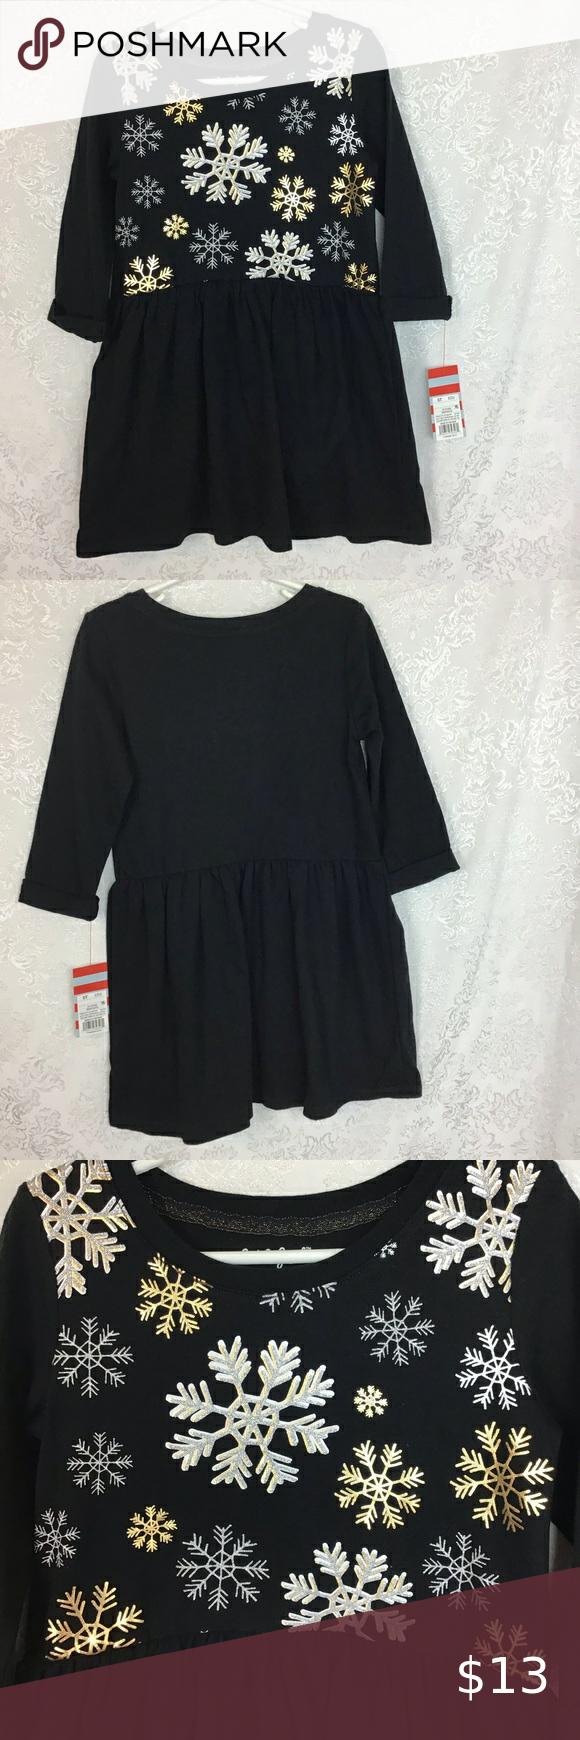 Cat Jack Snowflake Dress Black 5t Glitter Nwt Snowflake Dress Black Dress Black Cuff [ 1740 x 580 Pixel ]